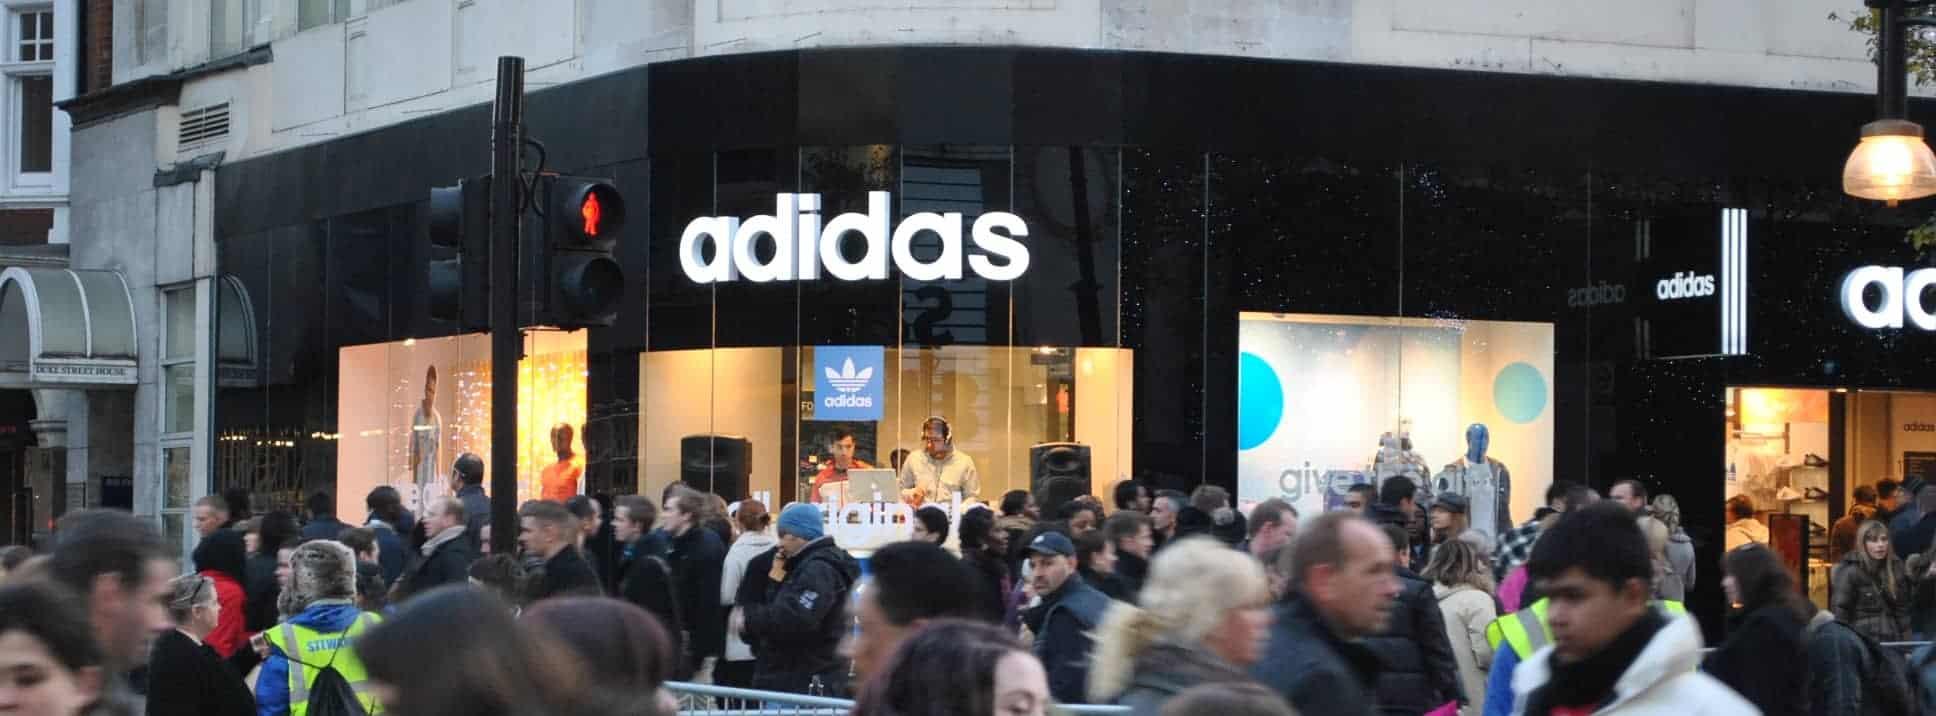 Adidas London - Storm DJs - DJ hire